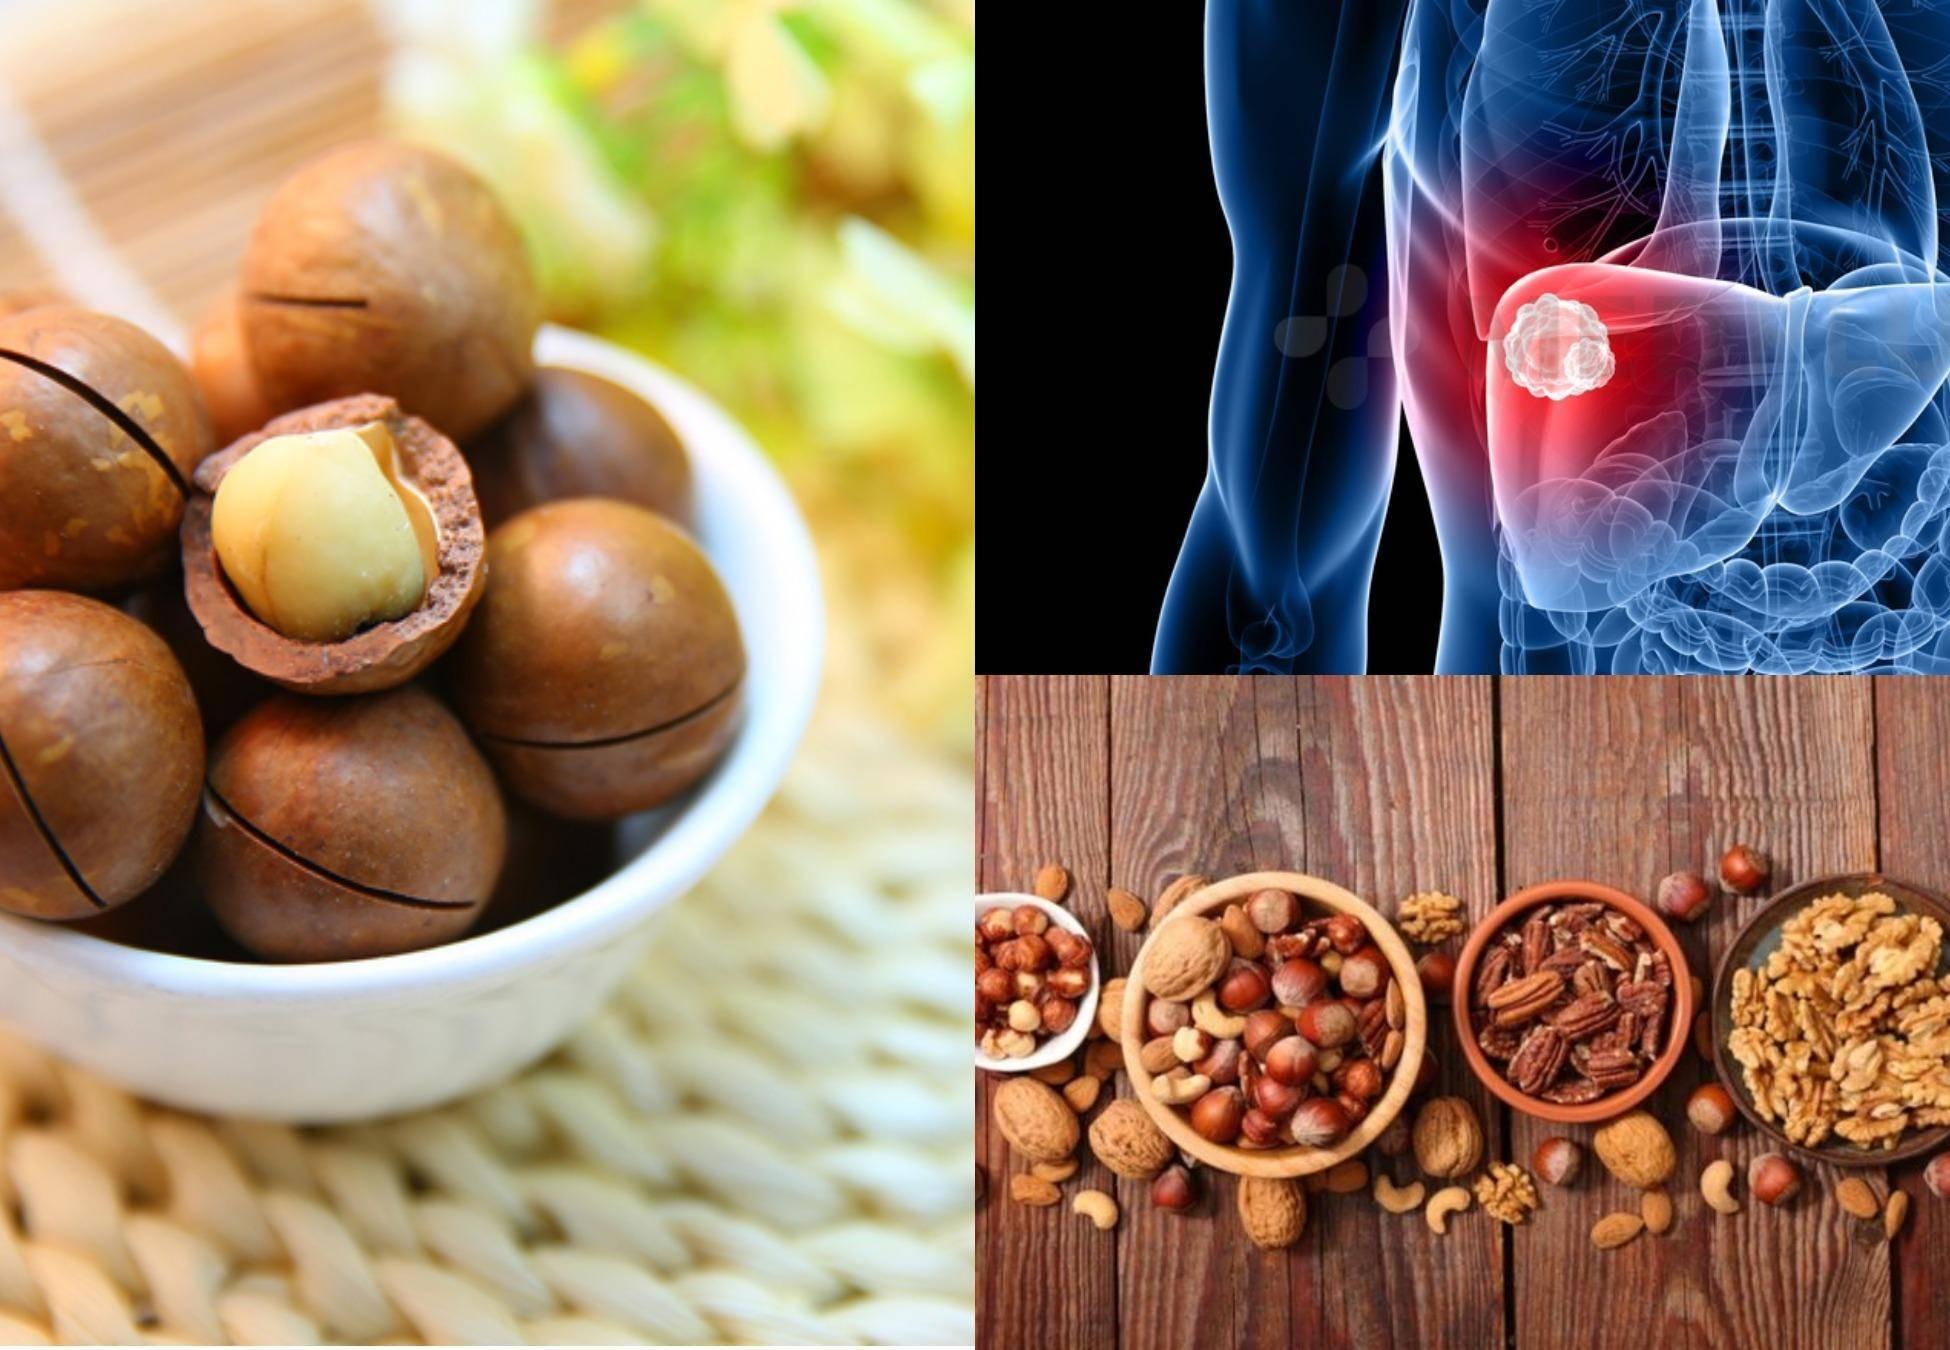 7 продуктов, вредных для печени человека: список самой тяжелой и опасной еды